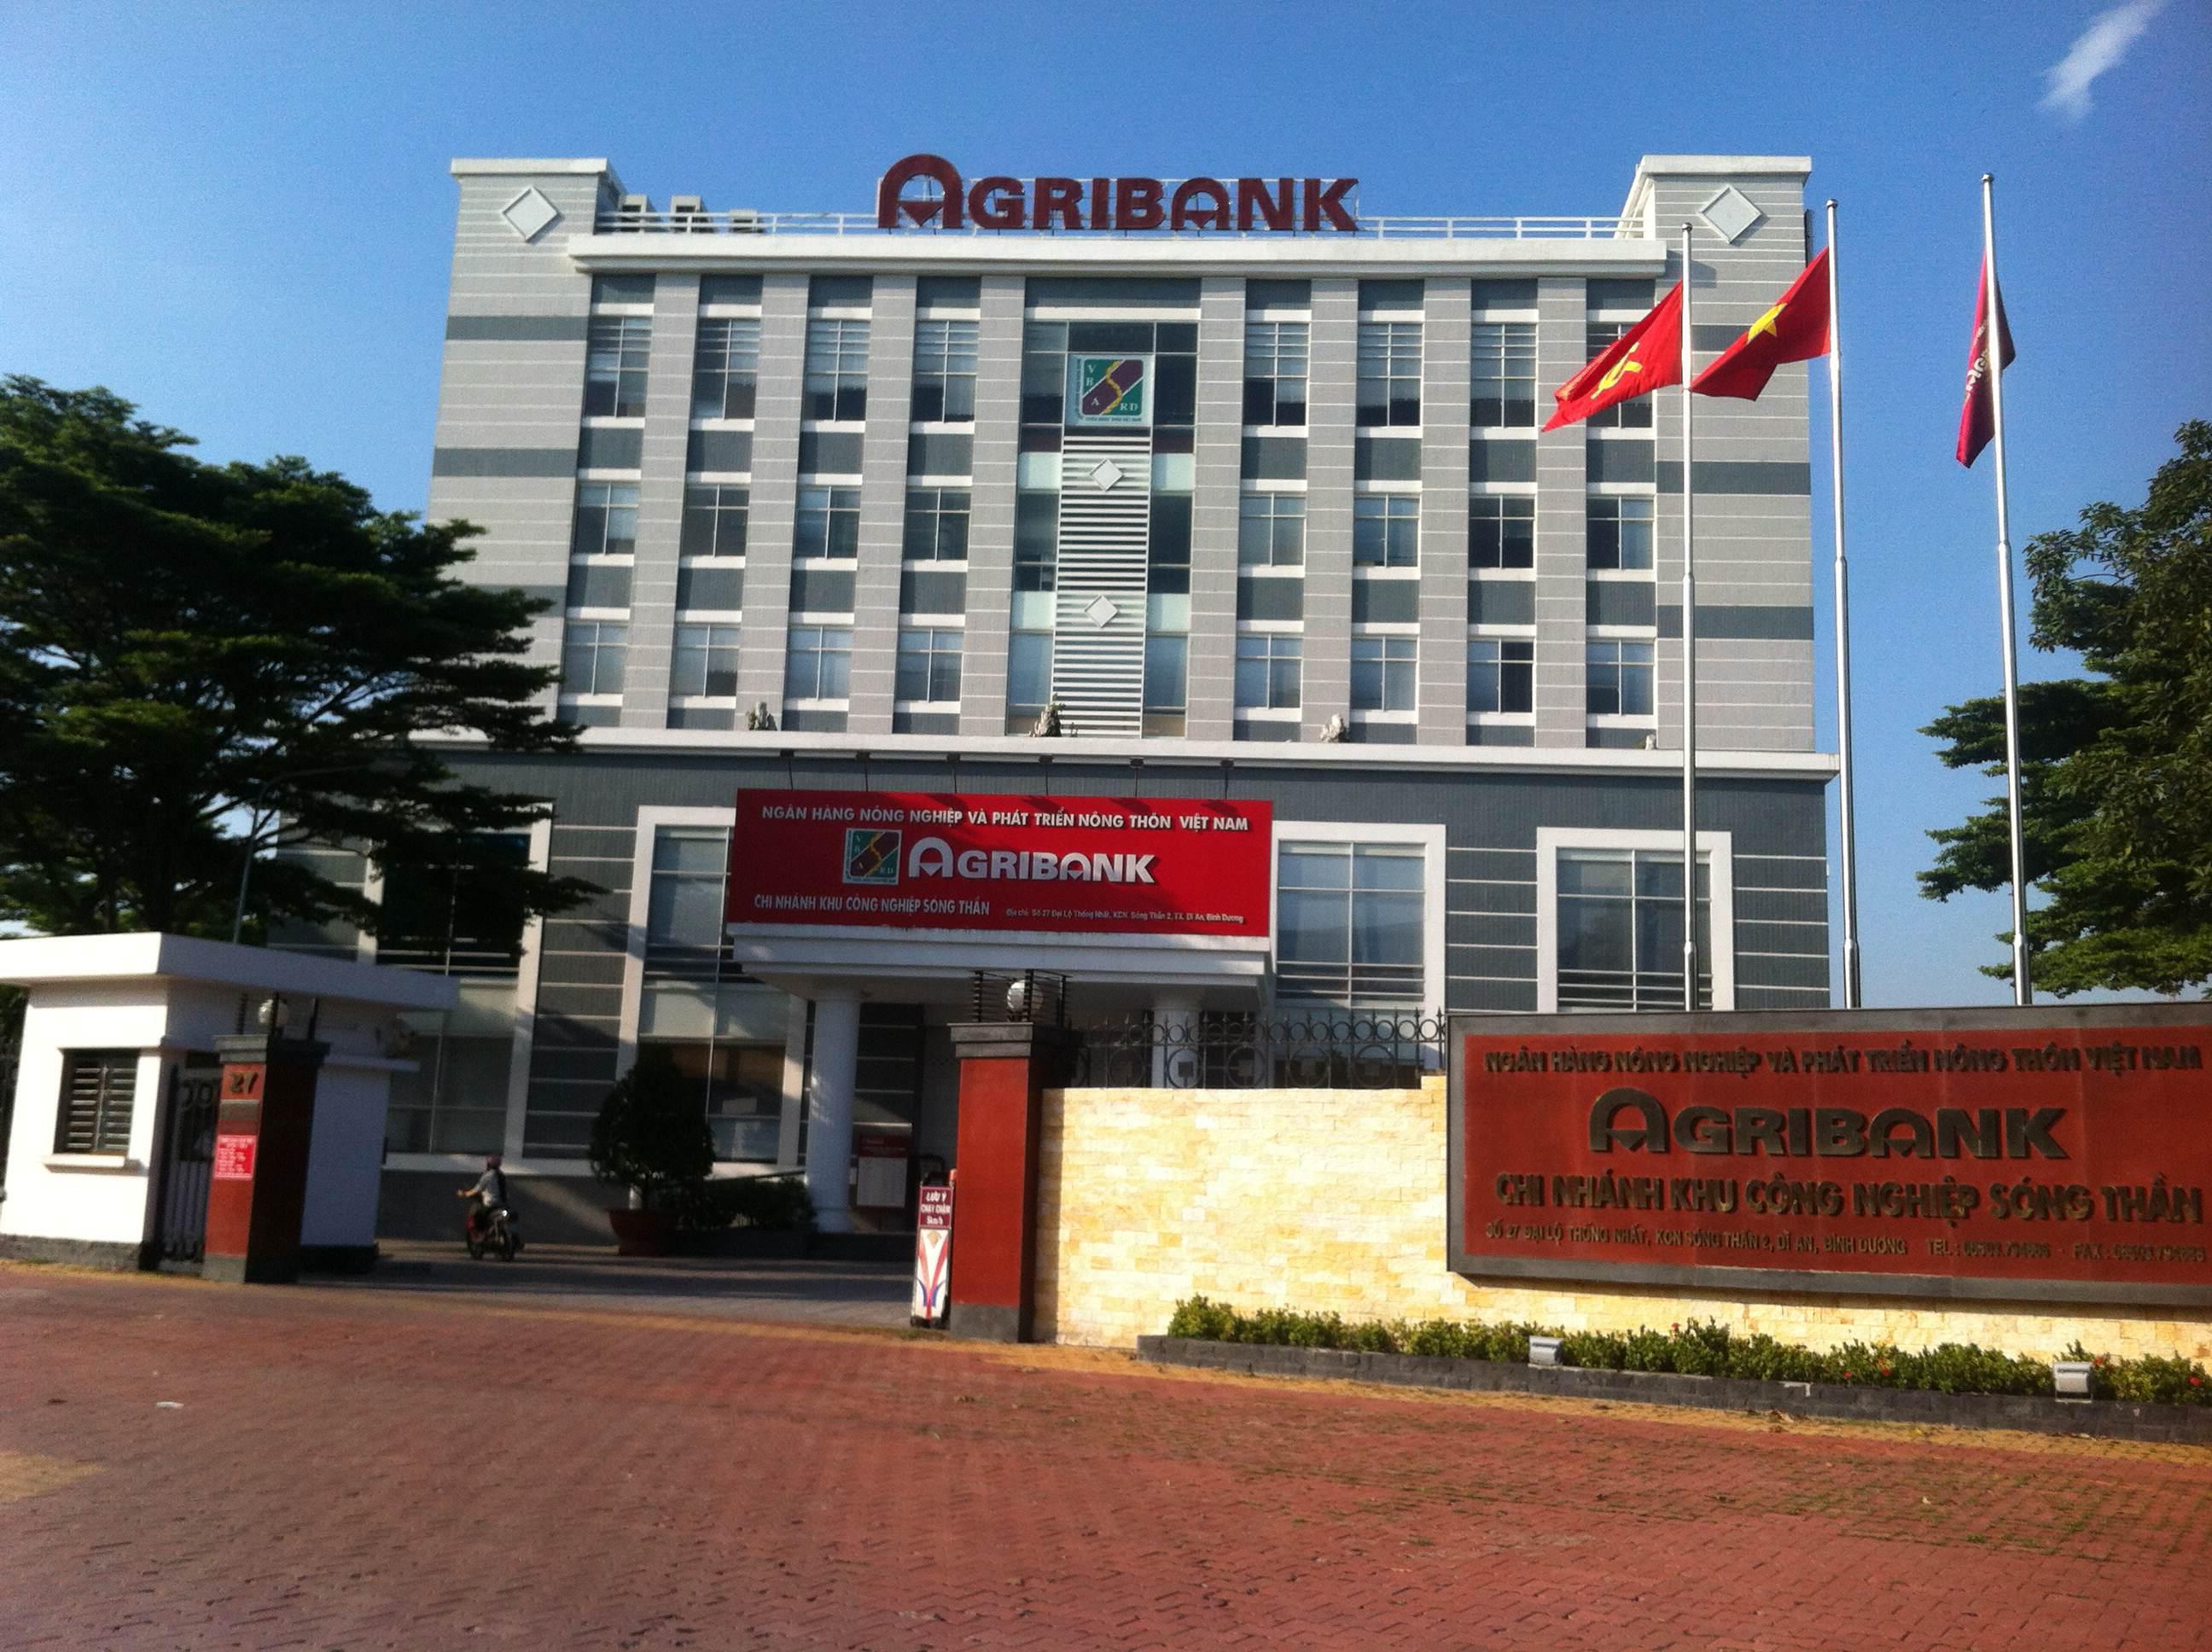 nhà mặt tiền phường tân đông hiệp thị xã dĩ an gần gần hàng AGRIBANK.